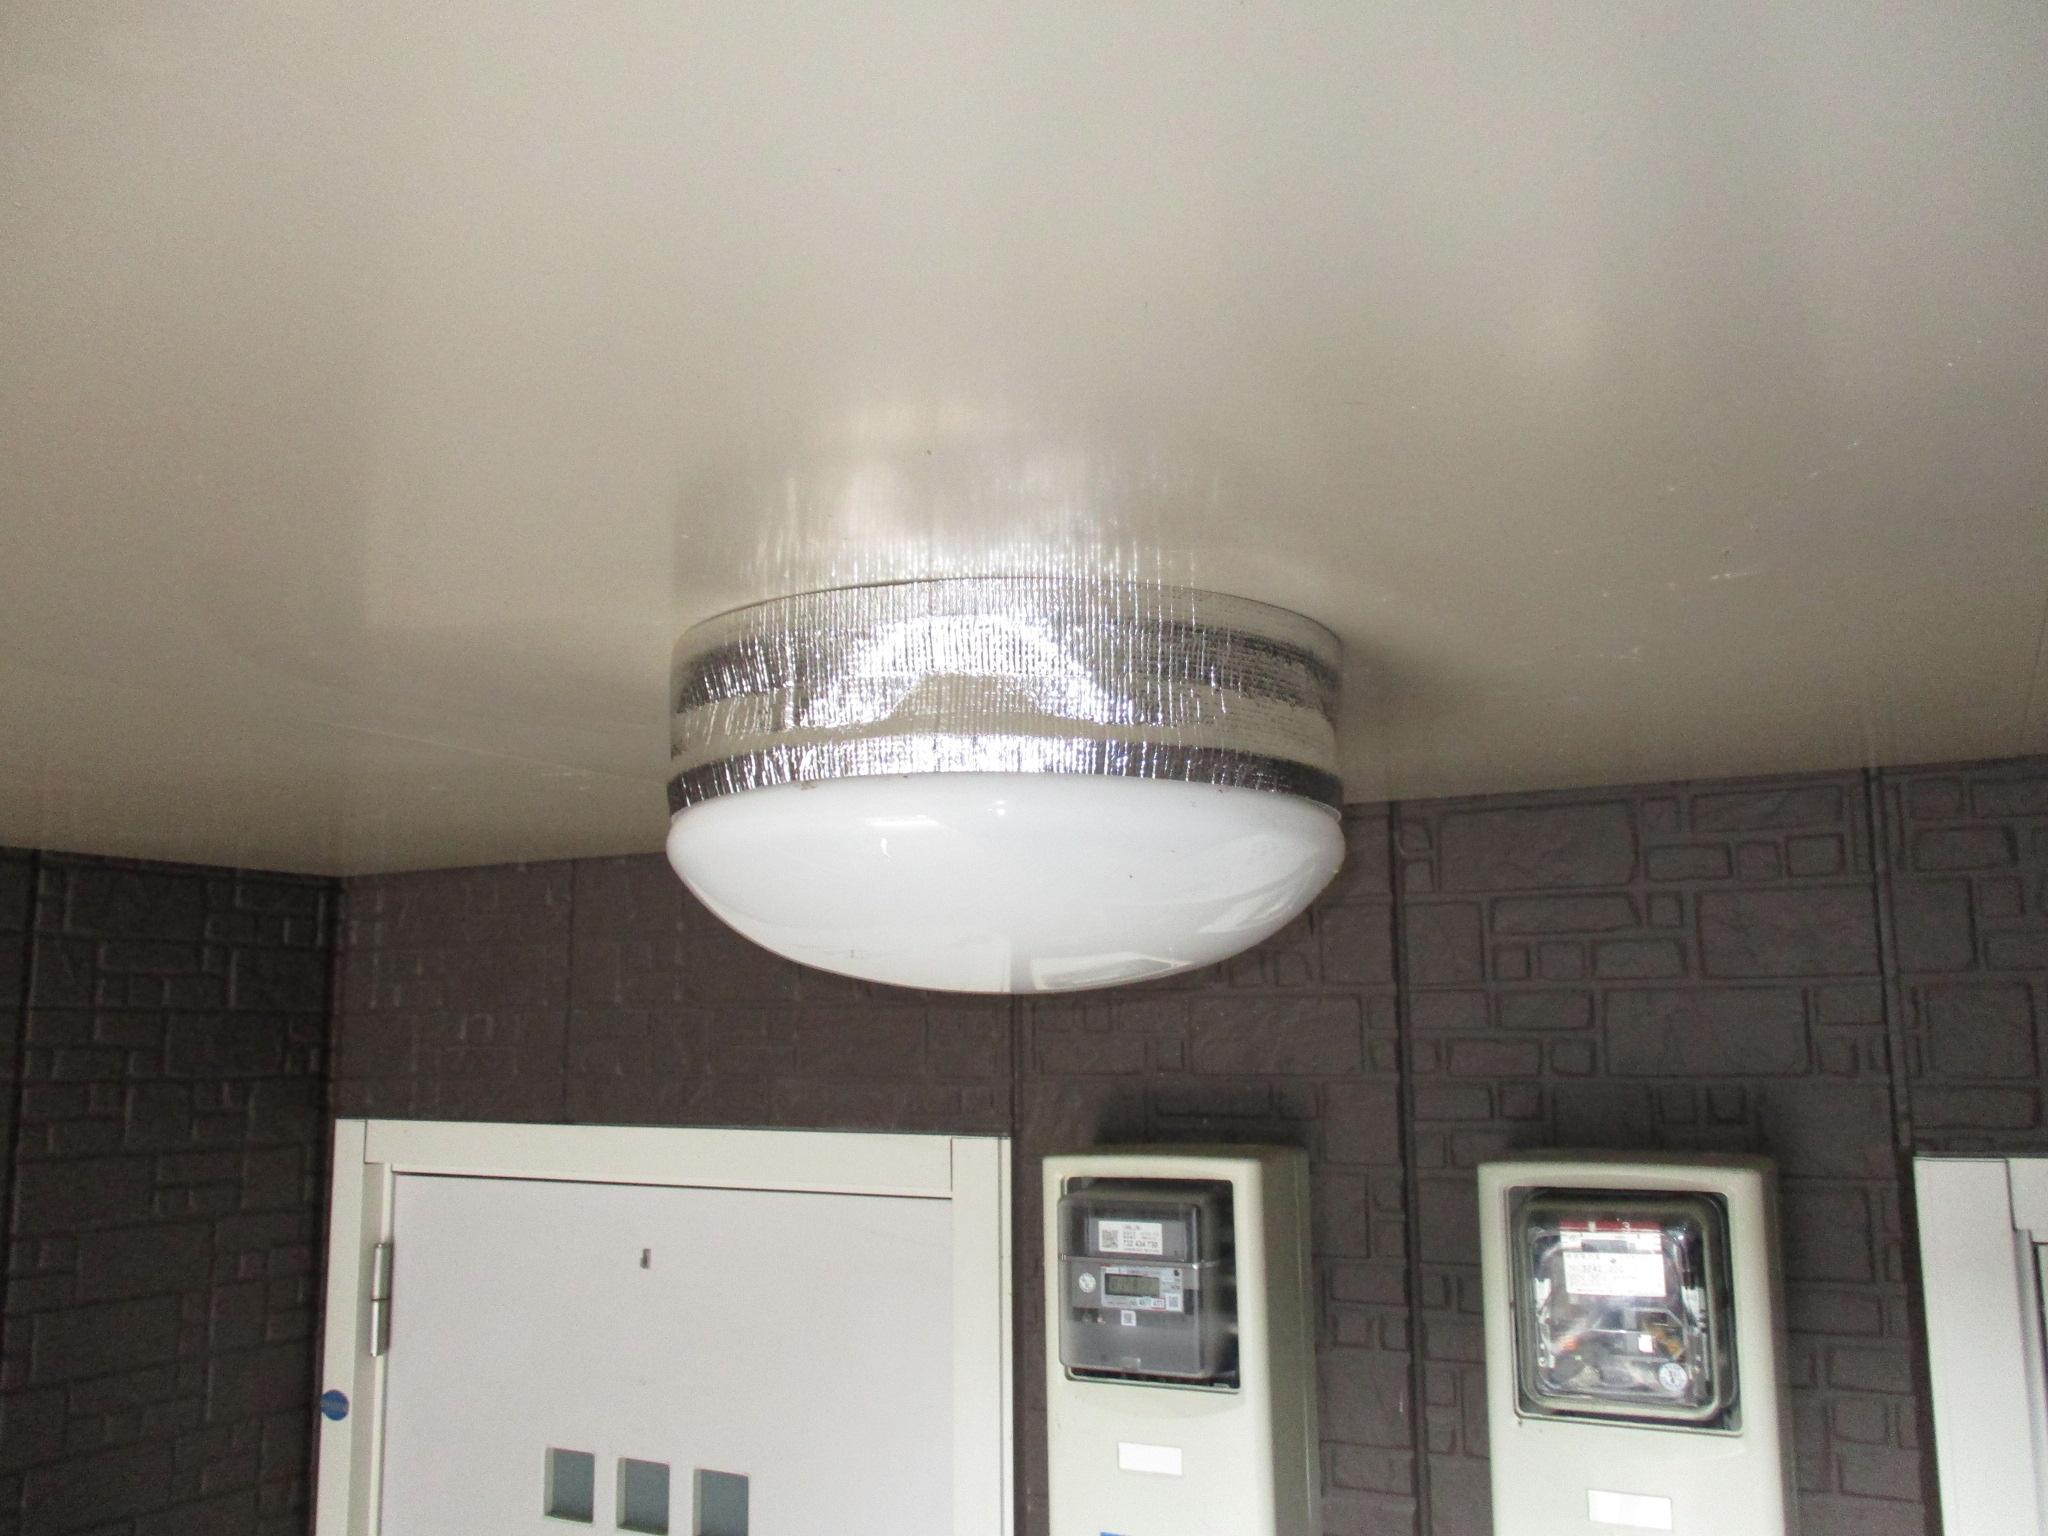 共用灯カバーに巣除けを設置した画像